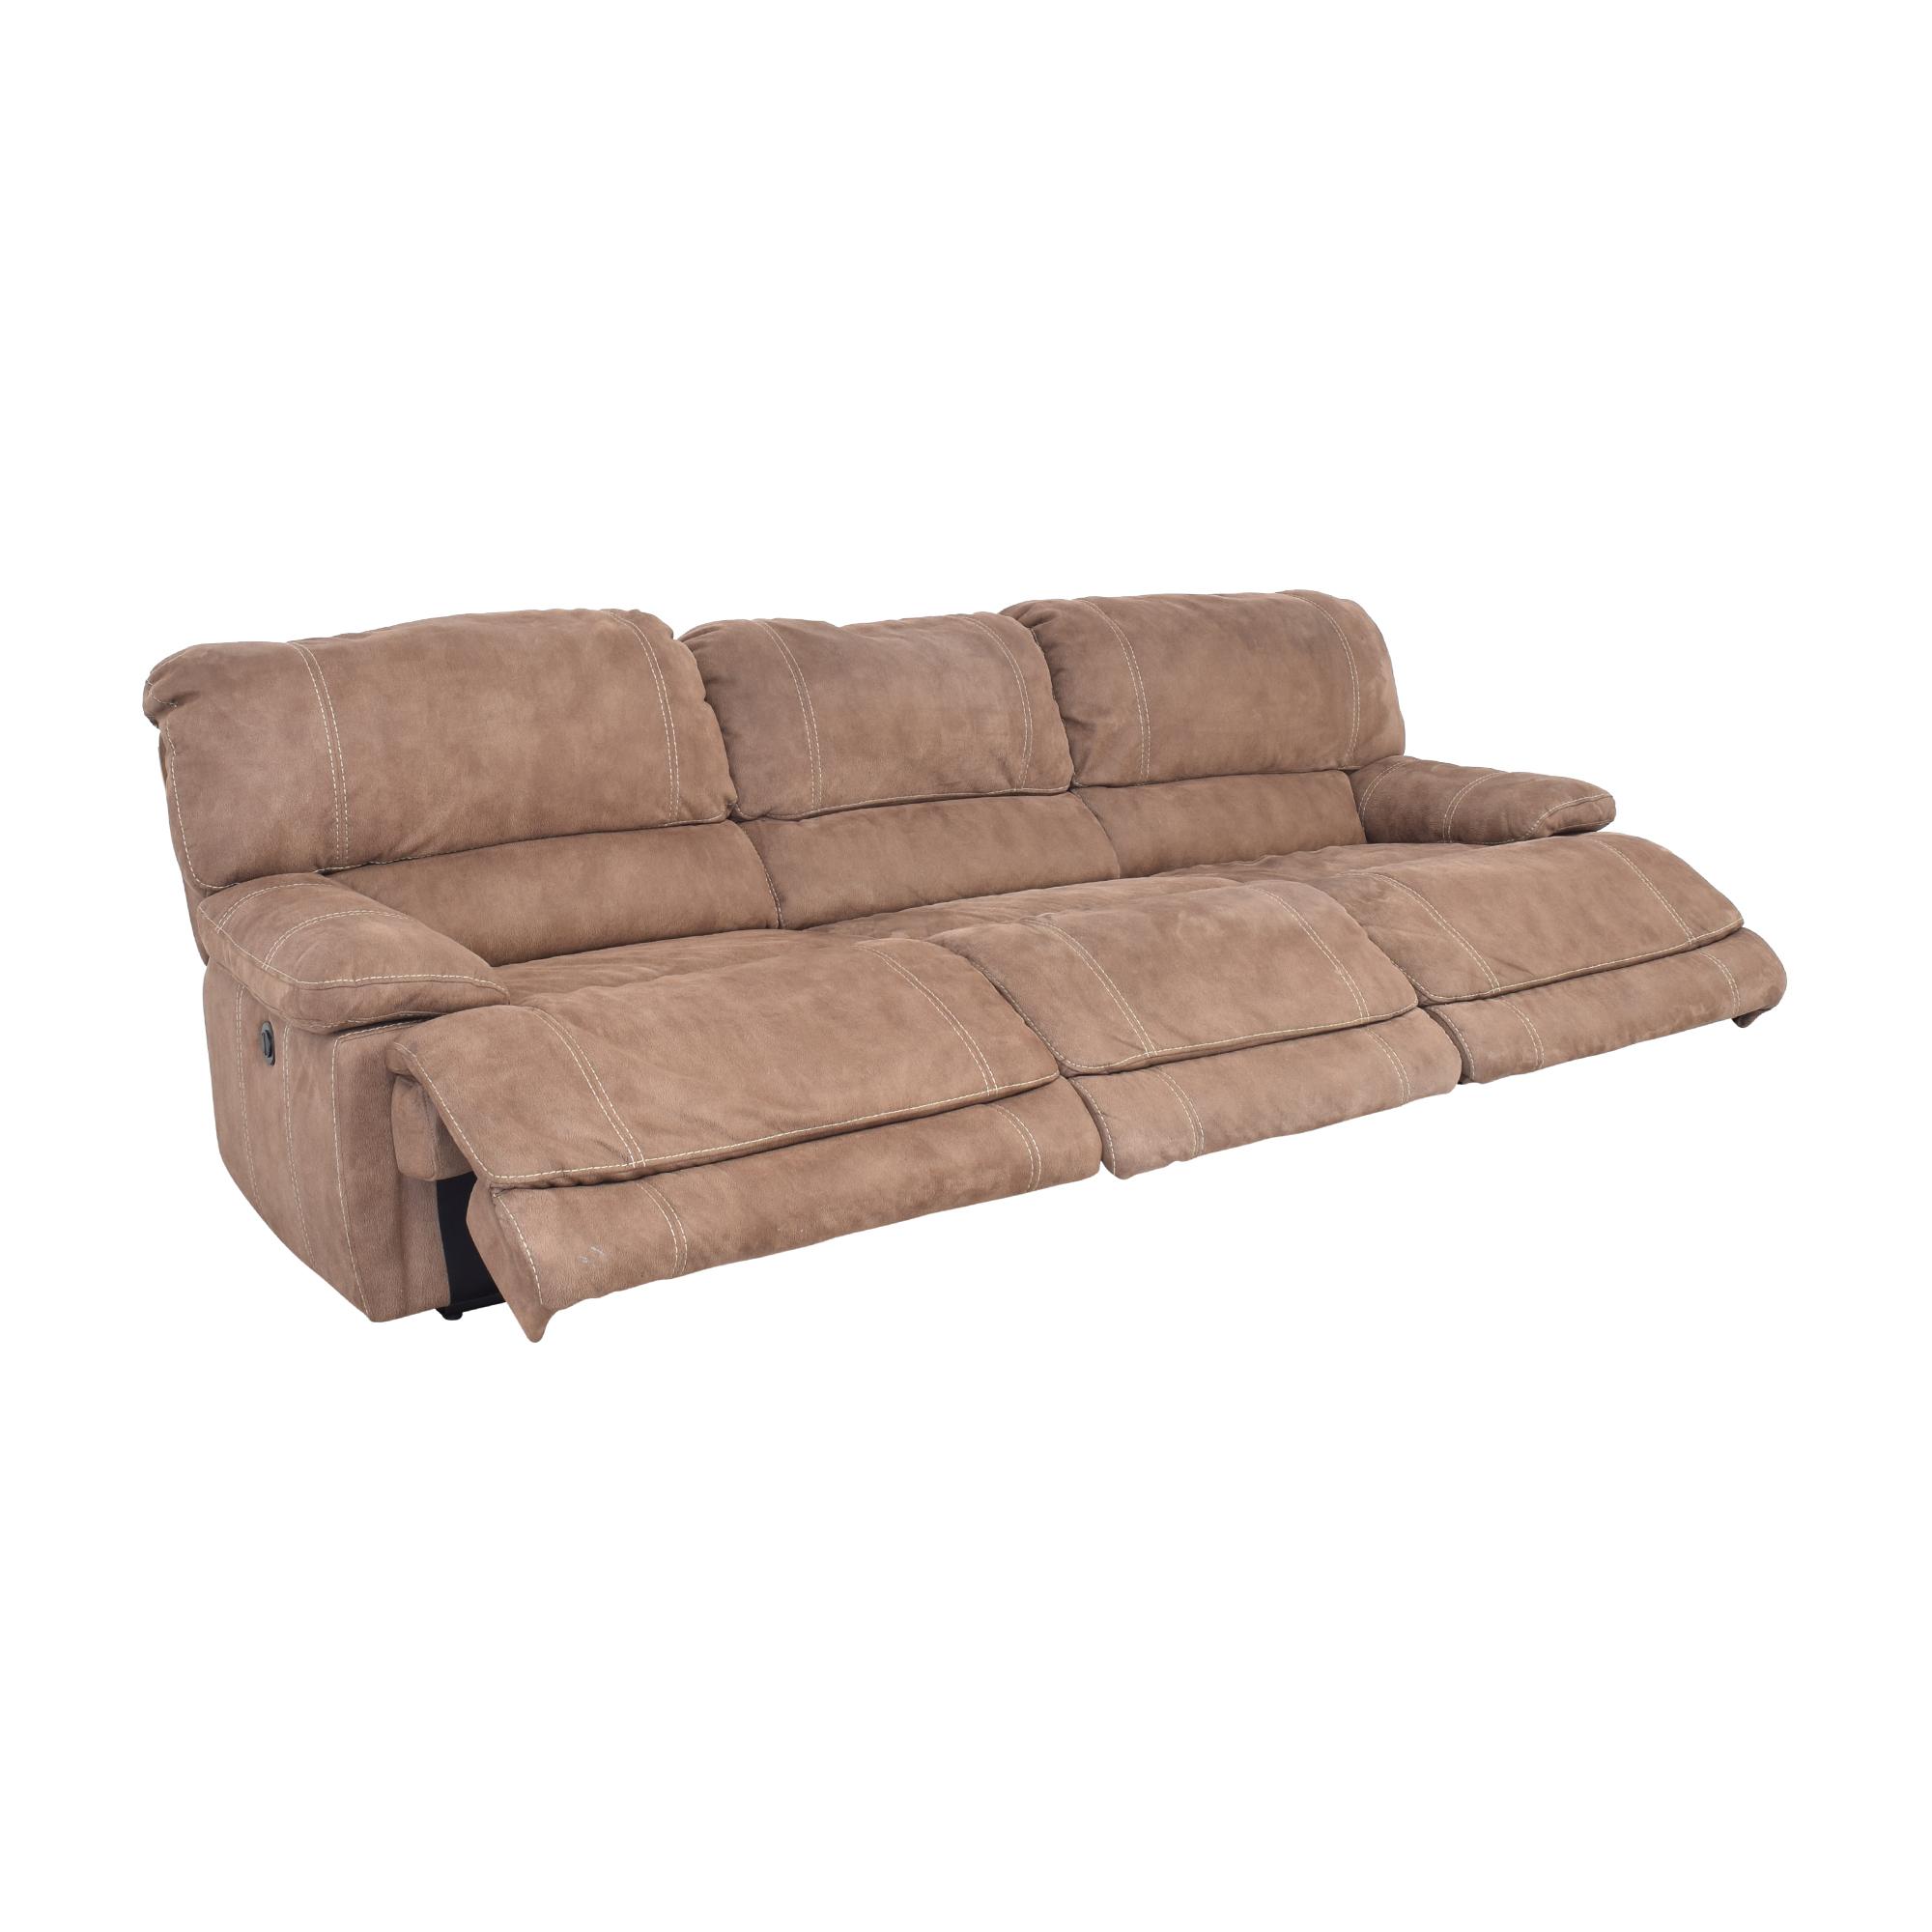 Macy's Macy's Three Cushion Reclining Sofa Sofas